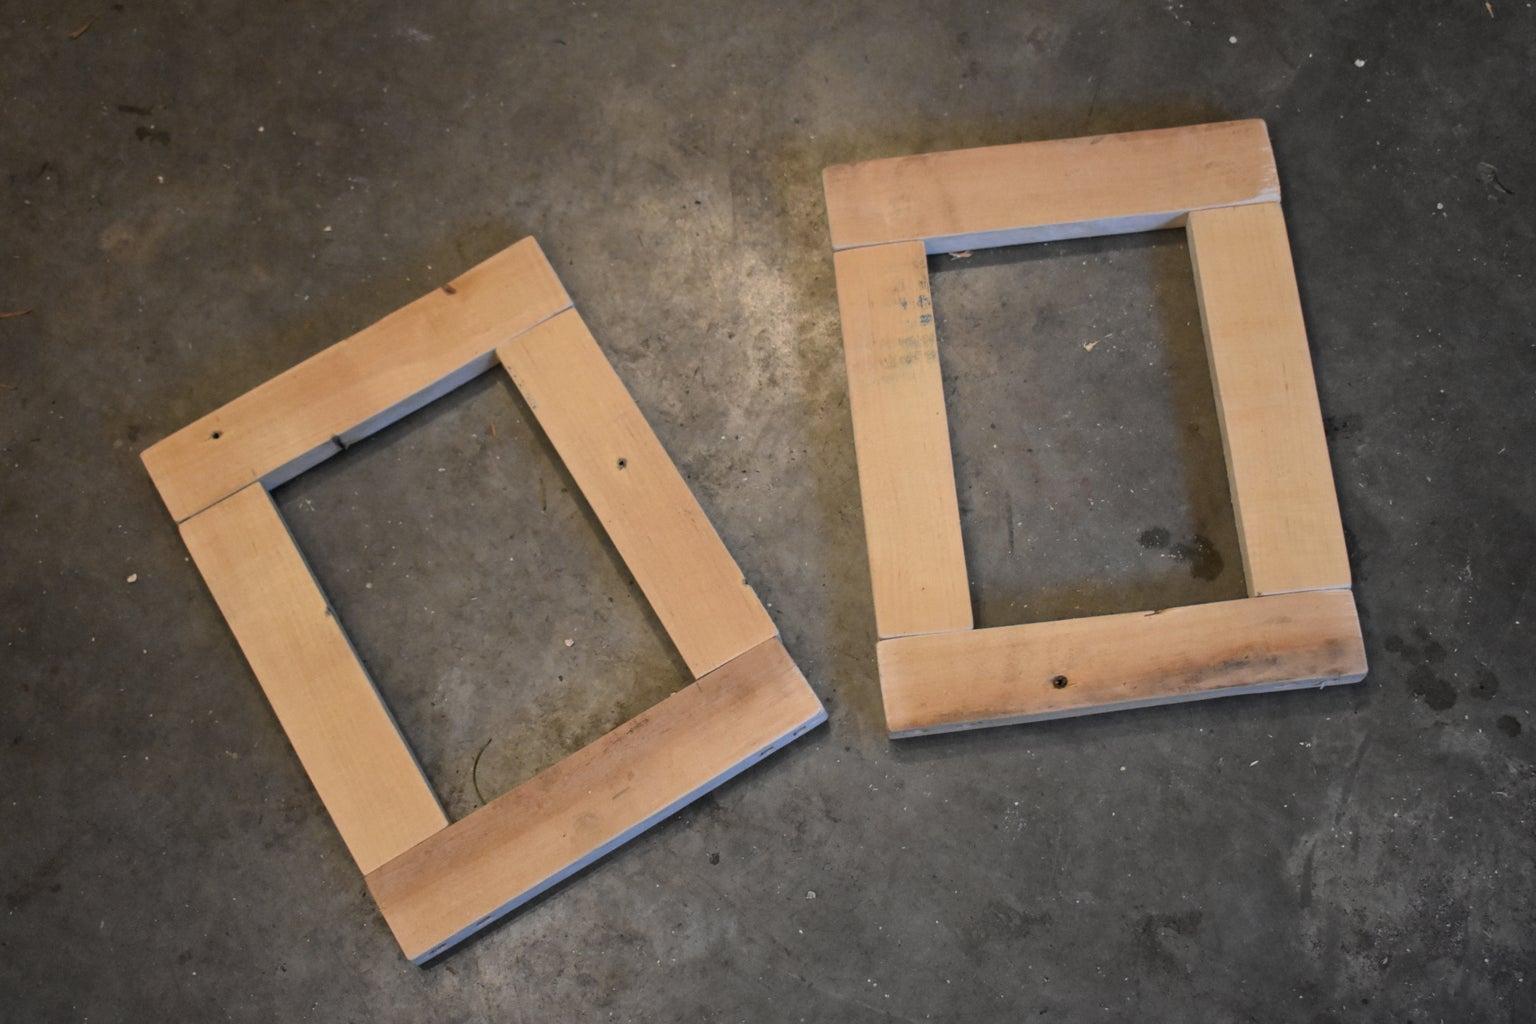 Build - Deckle